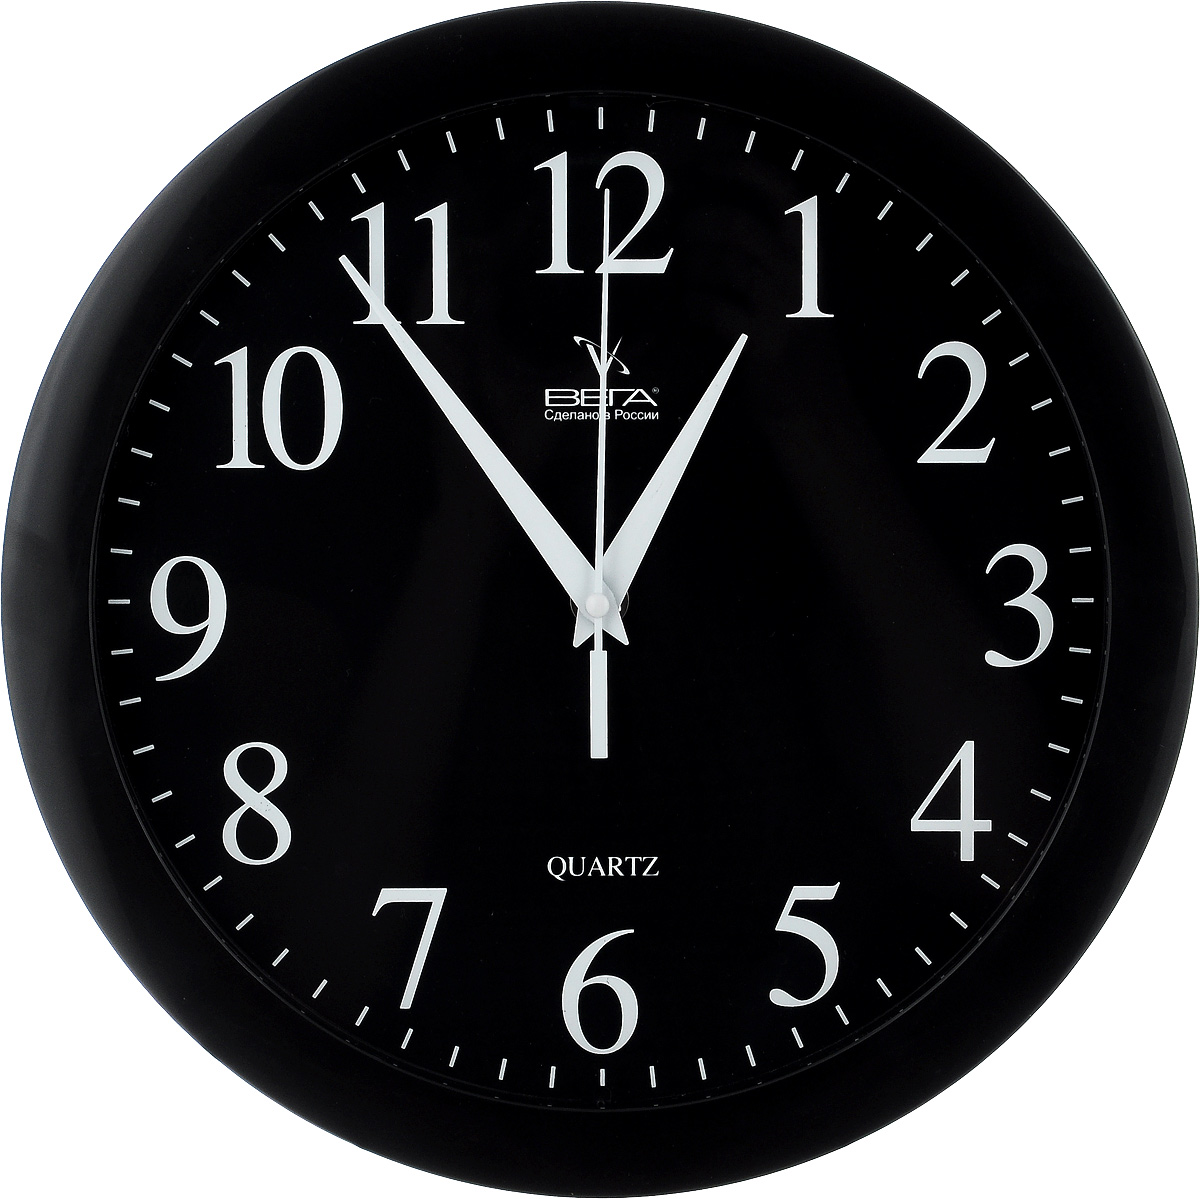 """Настенные кварцевые часы Вега """"Классика"""", изготовленные из пластика, прекрасно впишутся в интерьер  вашего дома. Круглые часы имеют три стрелки: часовую,  минутную и секундную, циферблат защищен прозрачным стеклом.  Часы работают от 1 батарейки типа АА напряжением 1,5 В (не входит в комплект).  Диаметр часов: 28,5 см."""